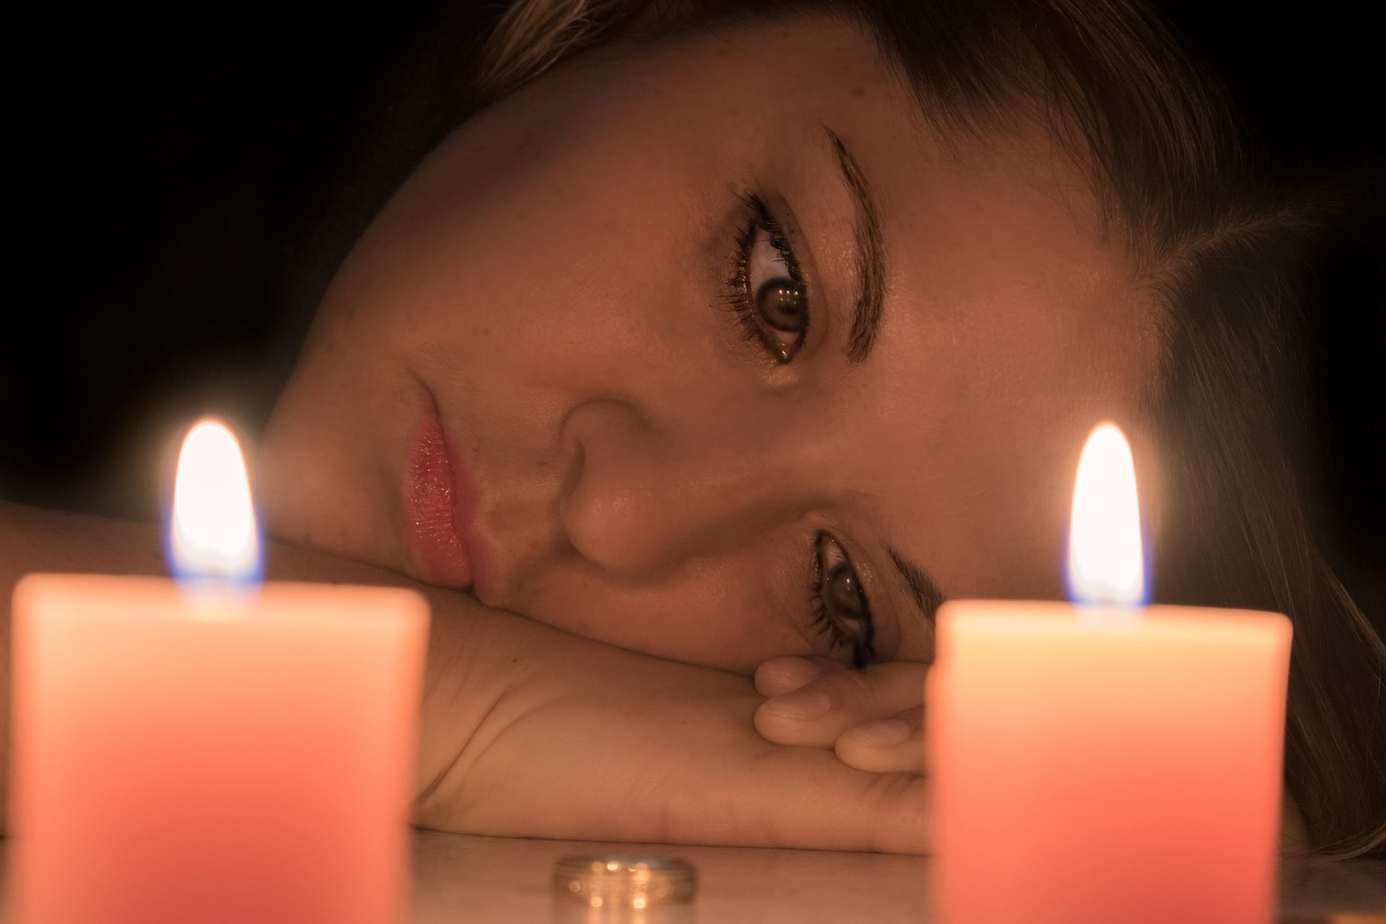 Découvrez les raisons pour lesquelles un empathe ne trouve pas l'amour